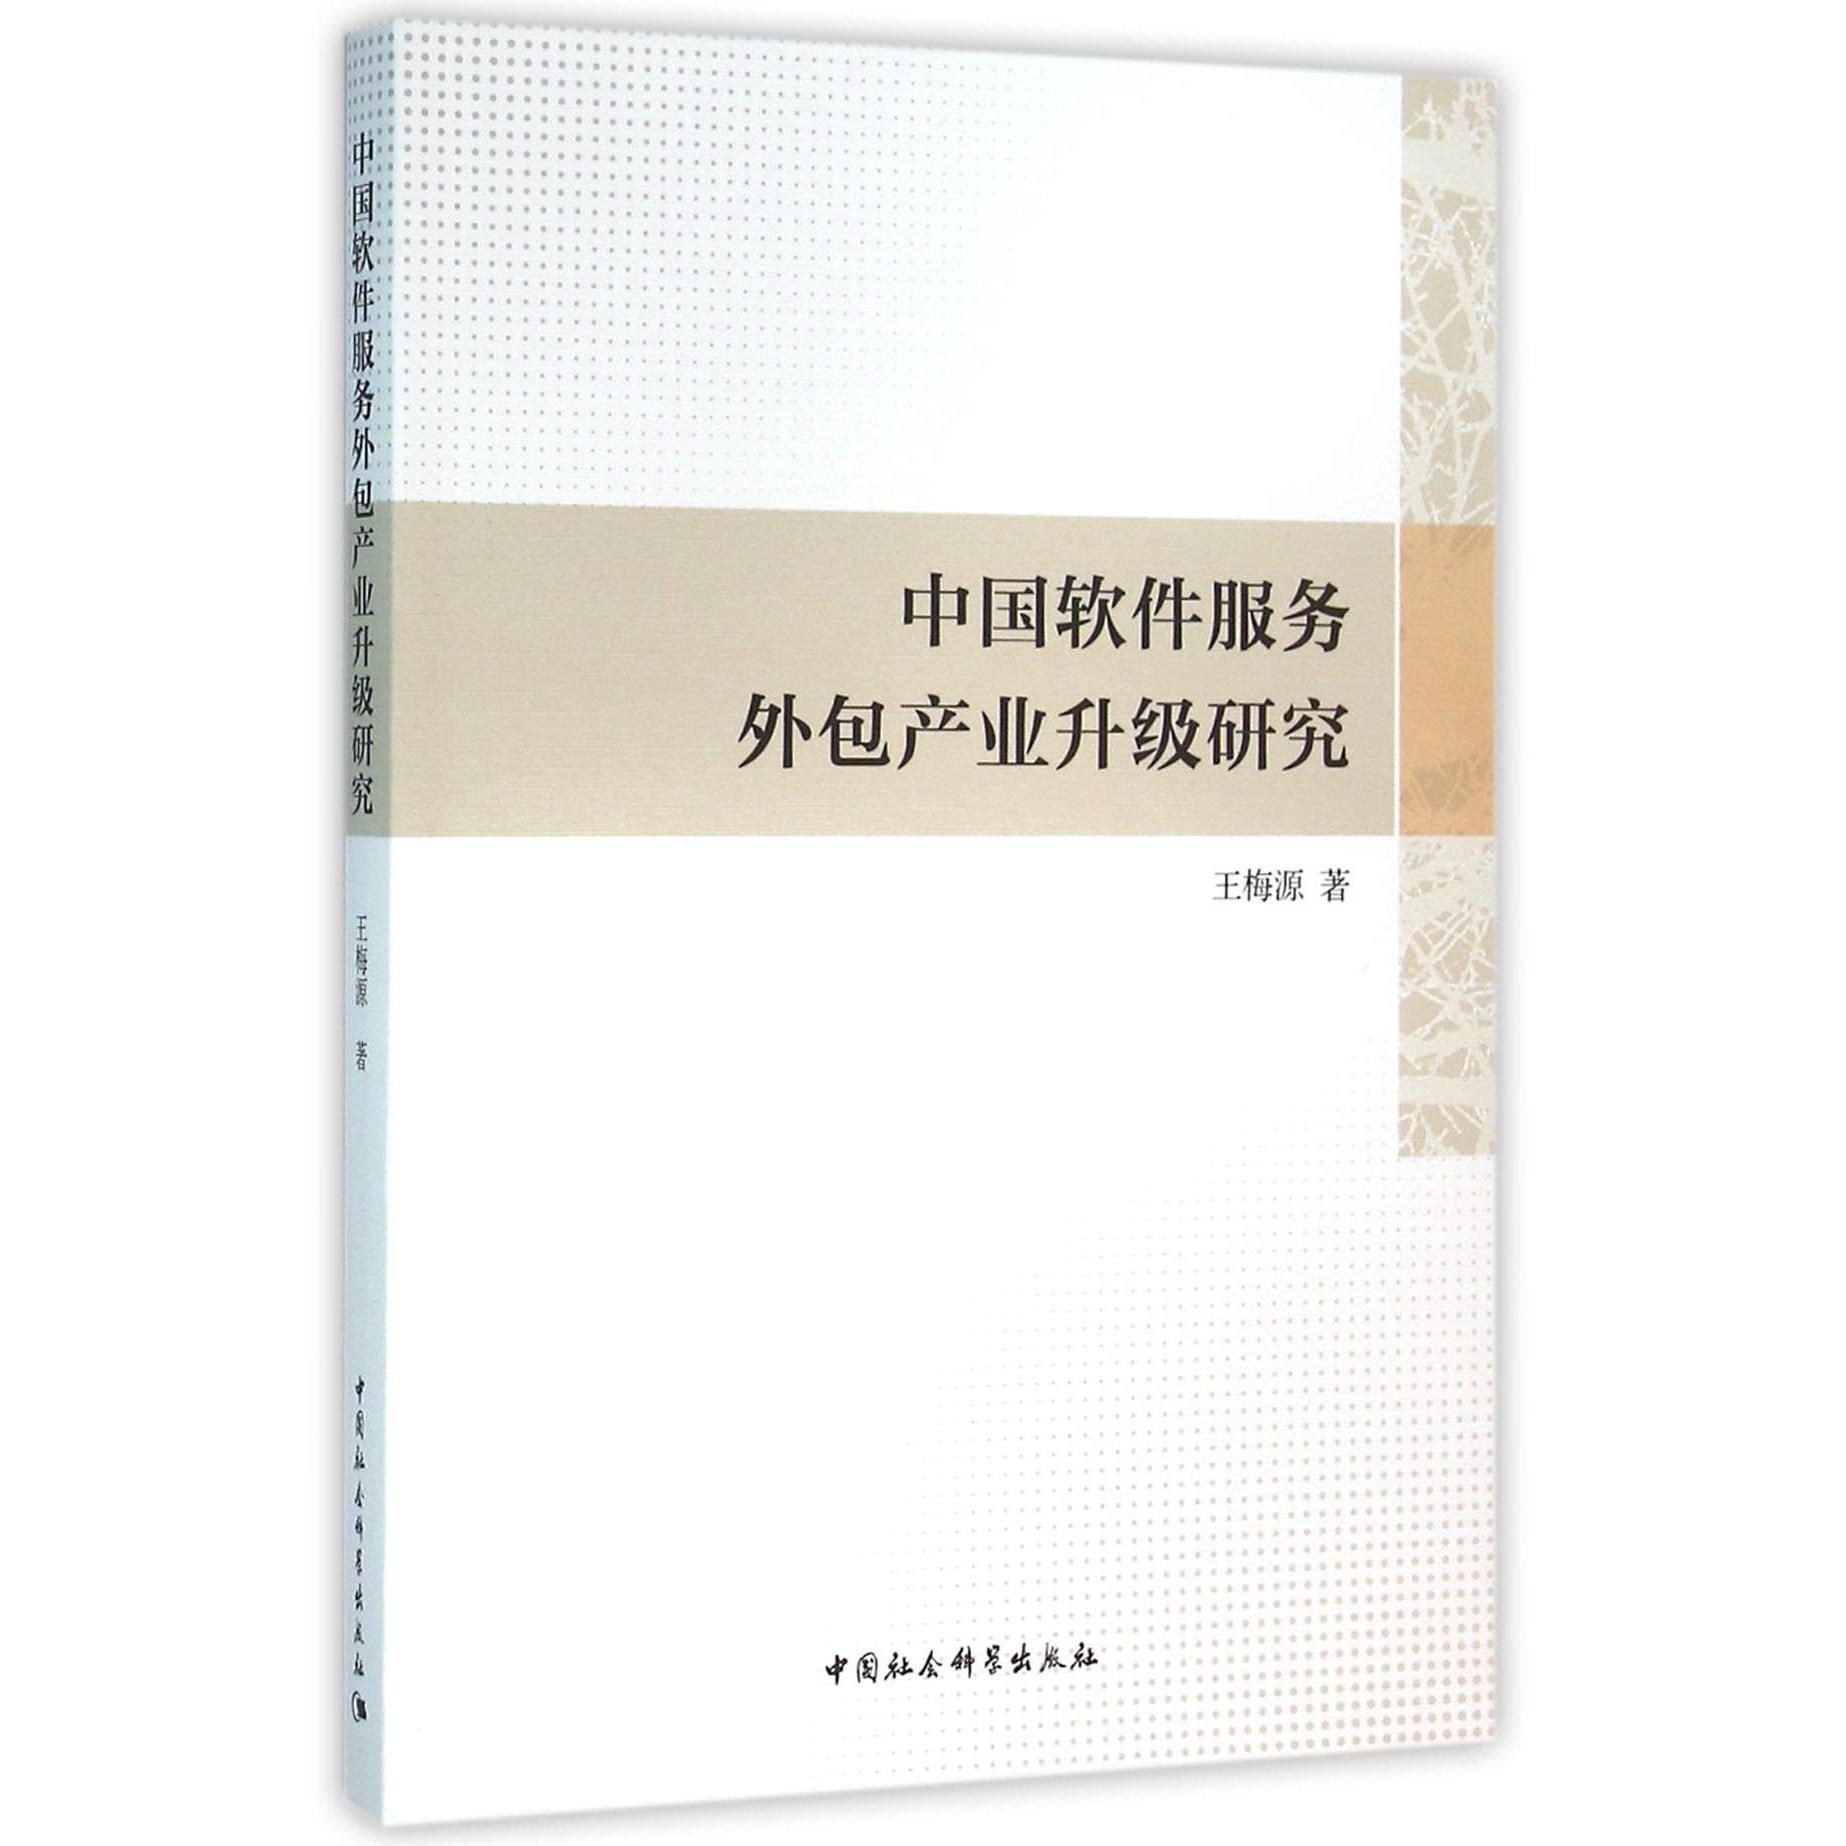 中国软件服务外包产业升级研究 怎么样 - 亚米网